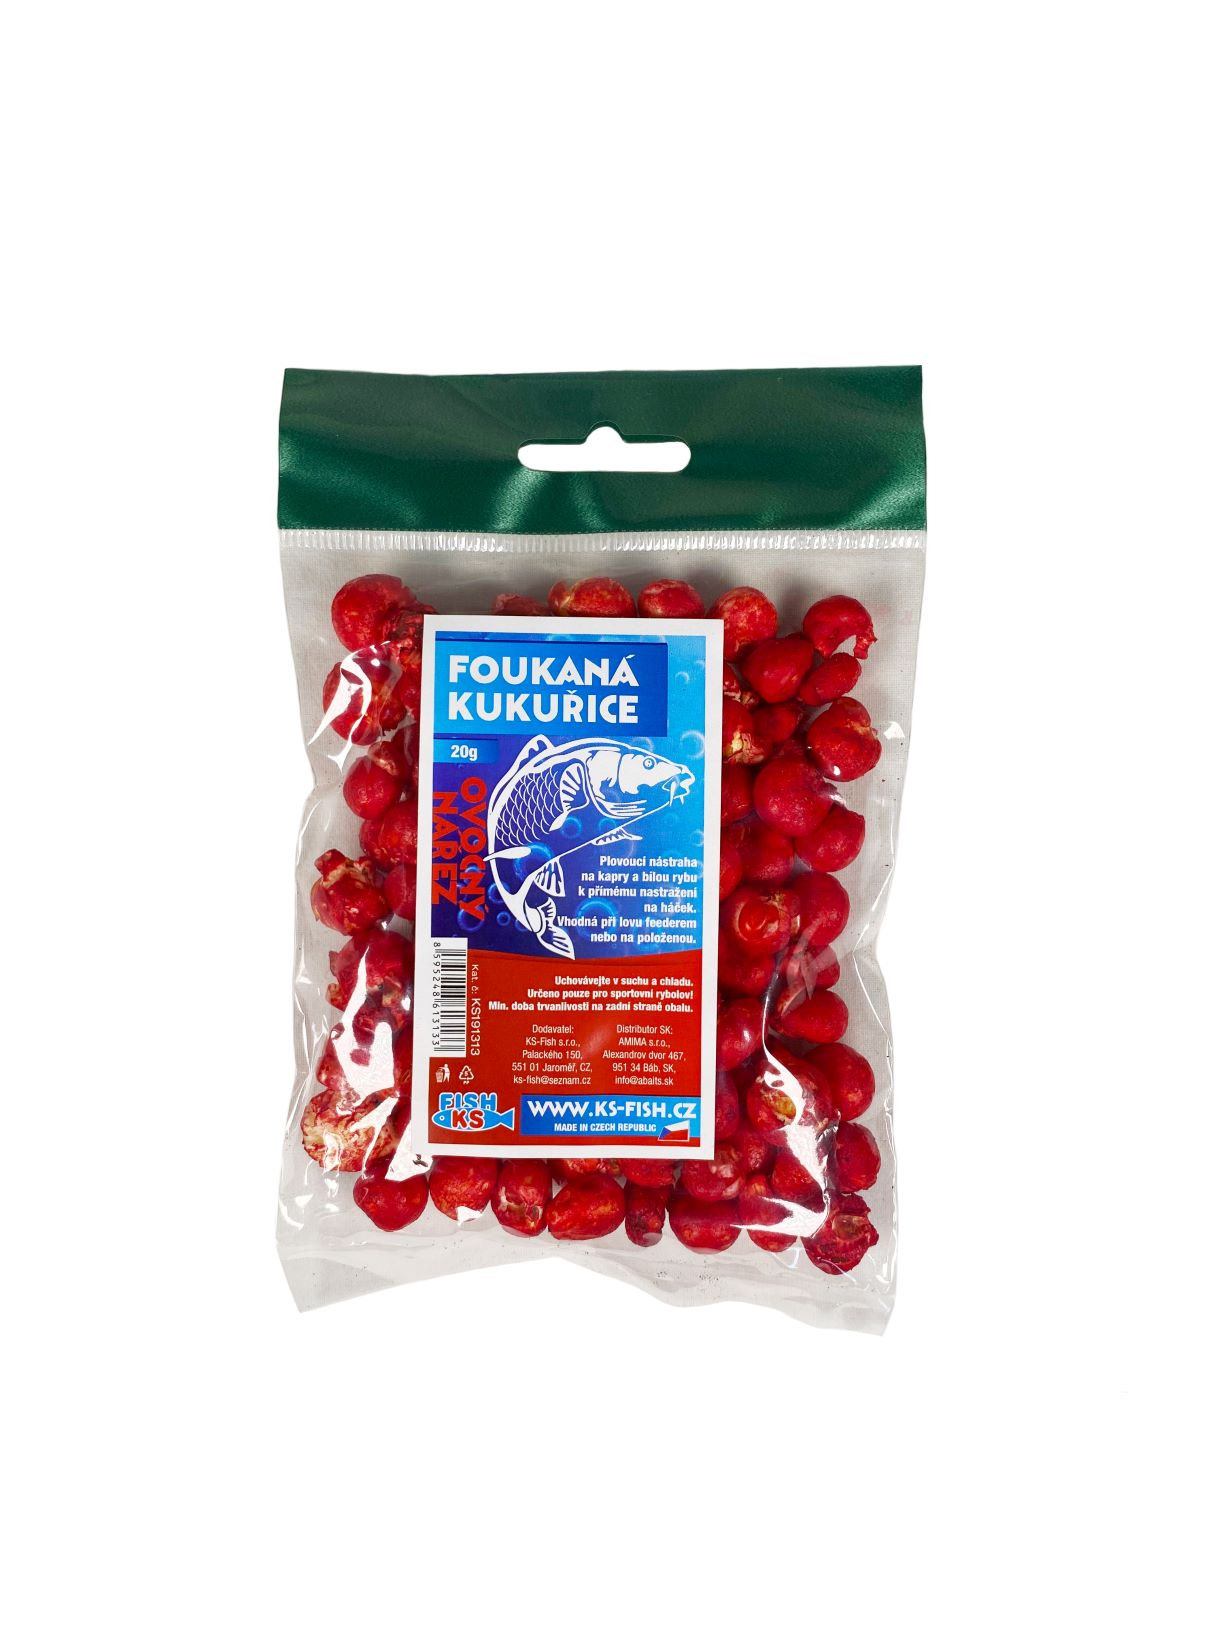 KS Fish foukaná kukuřice 20g, ovocný nářez